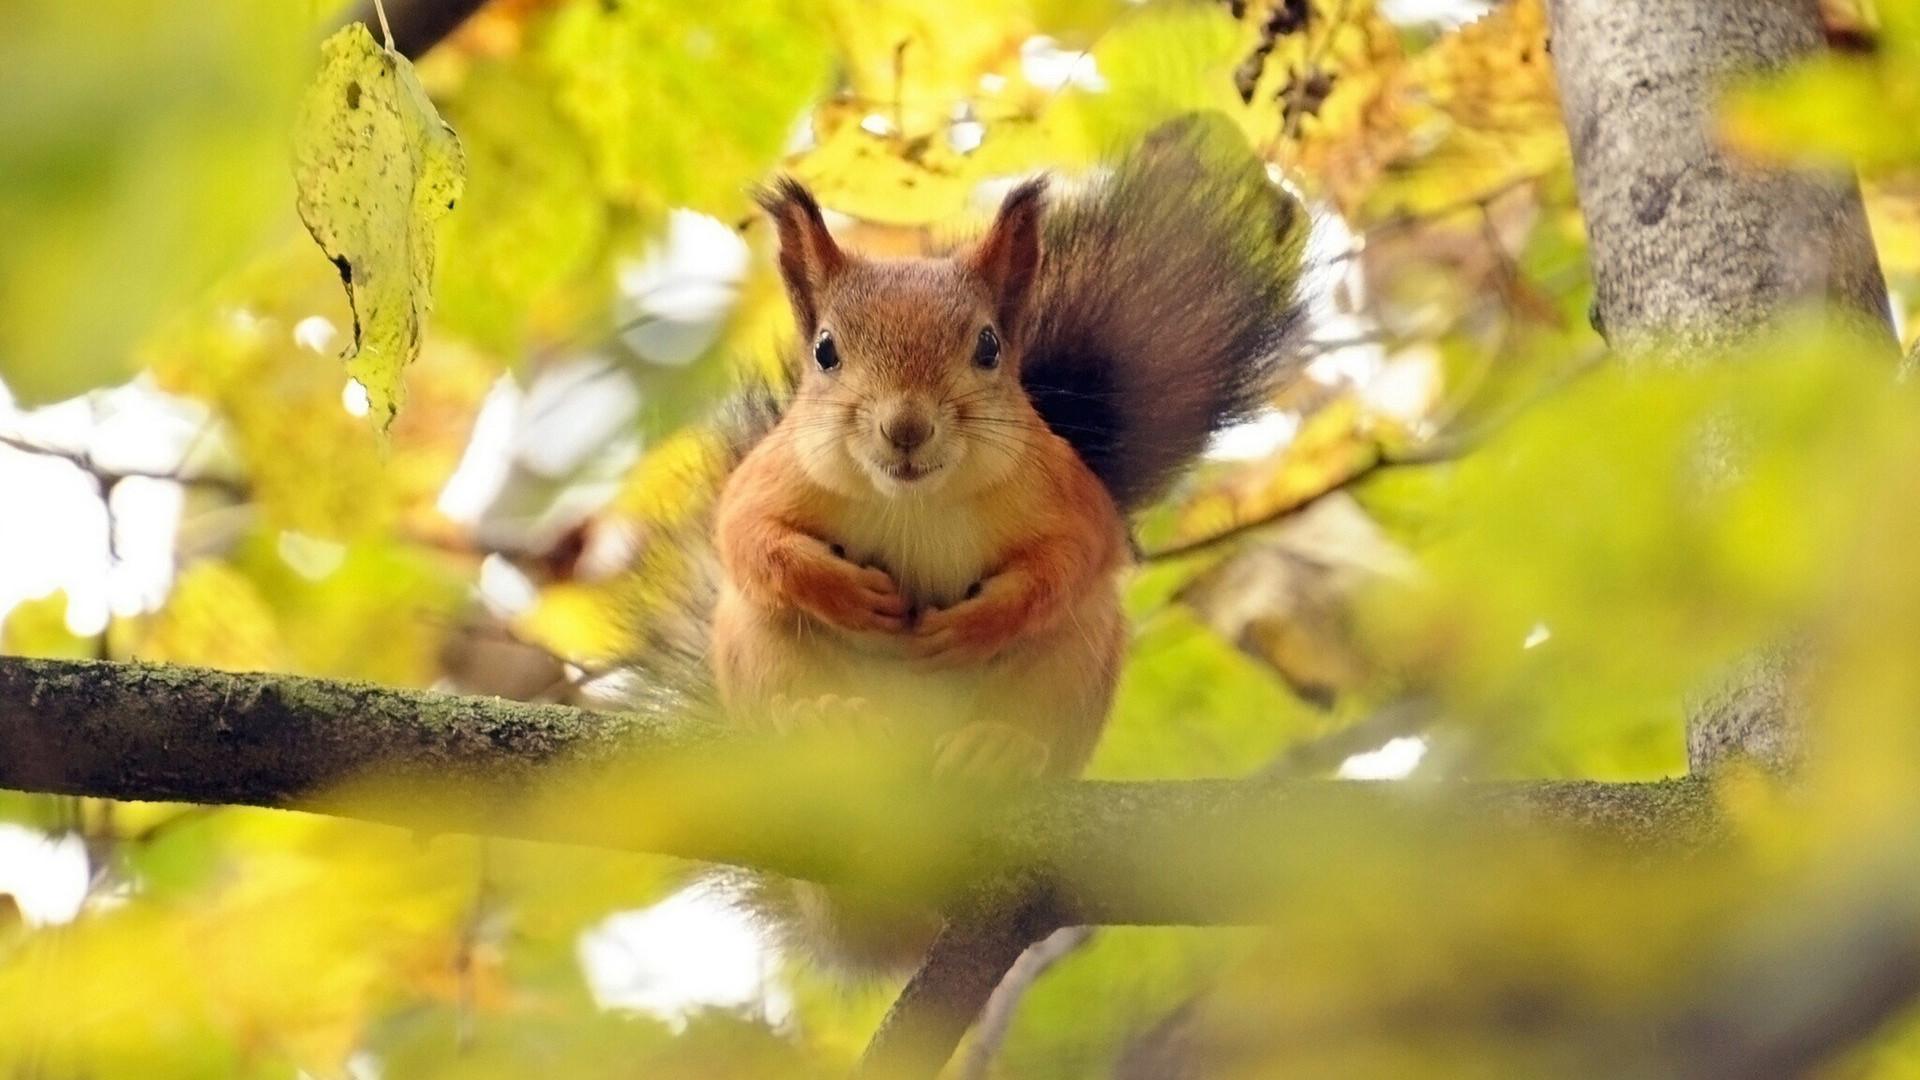 """简介:松鼠是典型的树栖小动物,身体细长,被柔软的密长毛反衬显得特别小。长着毛茸茸的长尾巴、匀称灵活的身体。今天带给大家的就是萌宠壁纸——""""森林里的可爱松鼠桌面壁纸"""",松鼠的眼睛大而明亮,耳朵长,耳尖有一束毛,冬季尤其显著。尾毛多而蓬松,常朝背部反卷,造型非常可爱。松鼠喜欢在白天活动,特别在清晨更为活跃,常常在树干和树杈间窜来跳去,一会觅食,一会玩耍,无拘无束,好不自在。松鼠进食的时候,用前肢抱着食物送入口中,津津有味地咀嚼品尝,时而竖耳侧听,时而转动双眼环顾"""